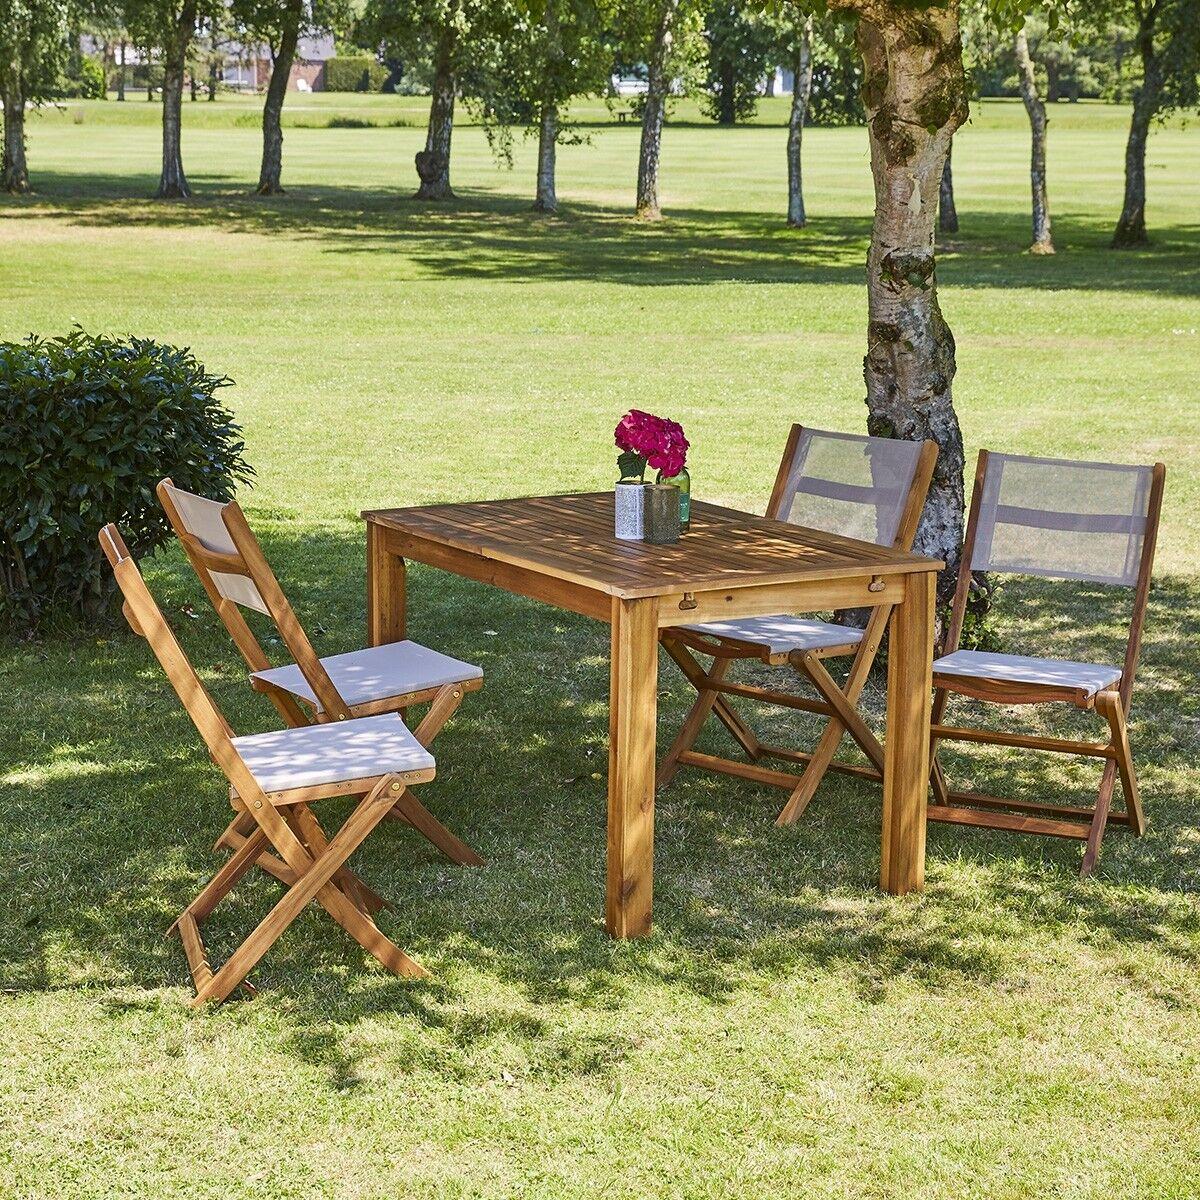 BOIS DESSUS BOIS DESSOUS Salon de jardin extensible en bois d'acacia 4 à 8 places BOIS DESSUS BOIS DESSOUS